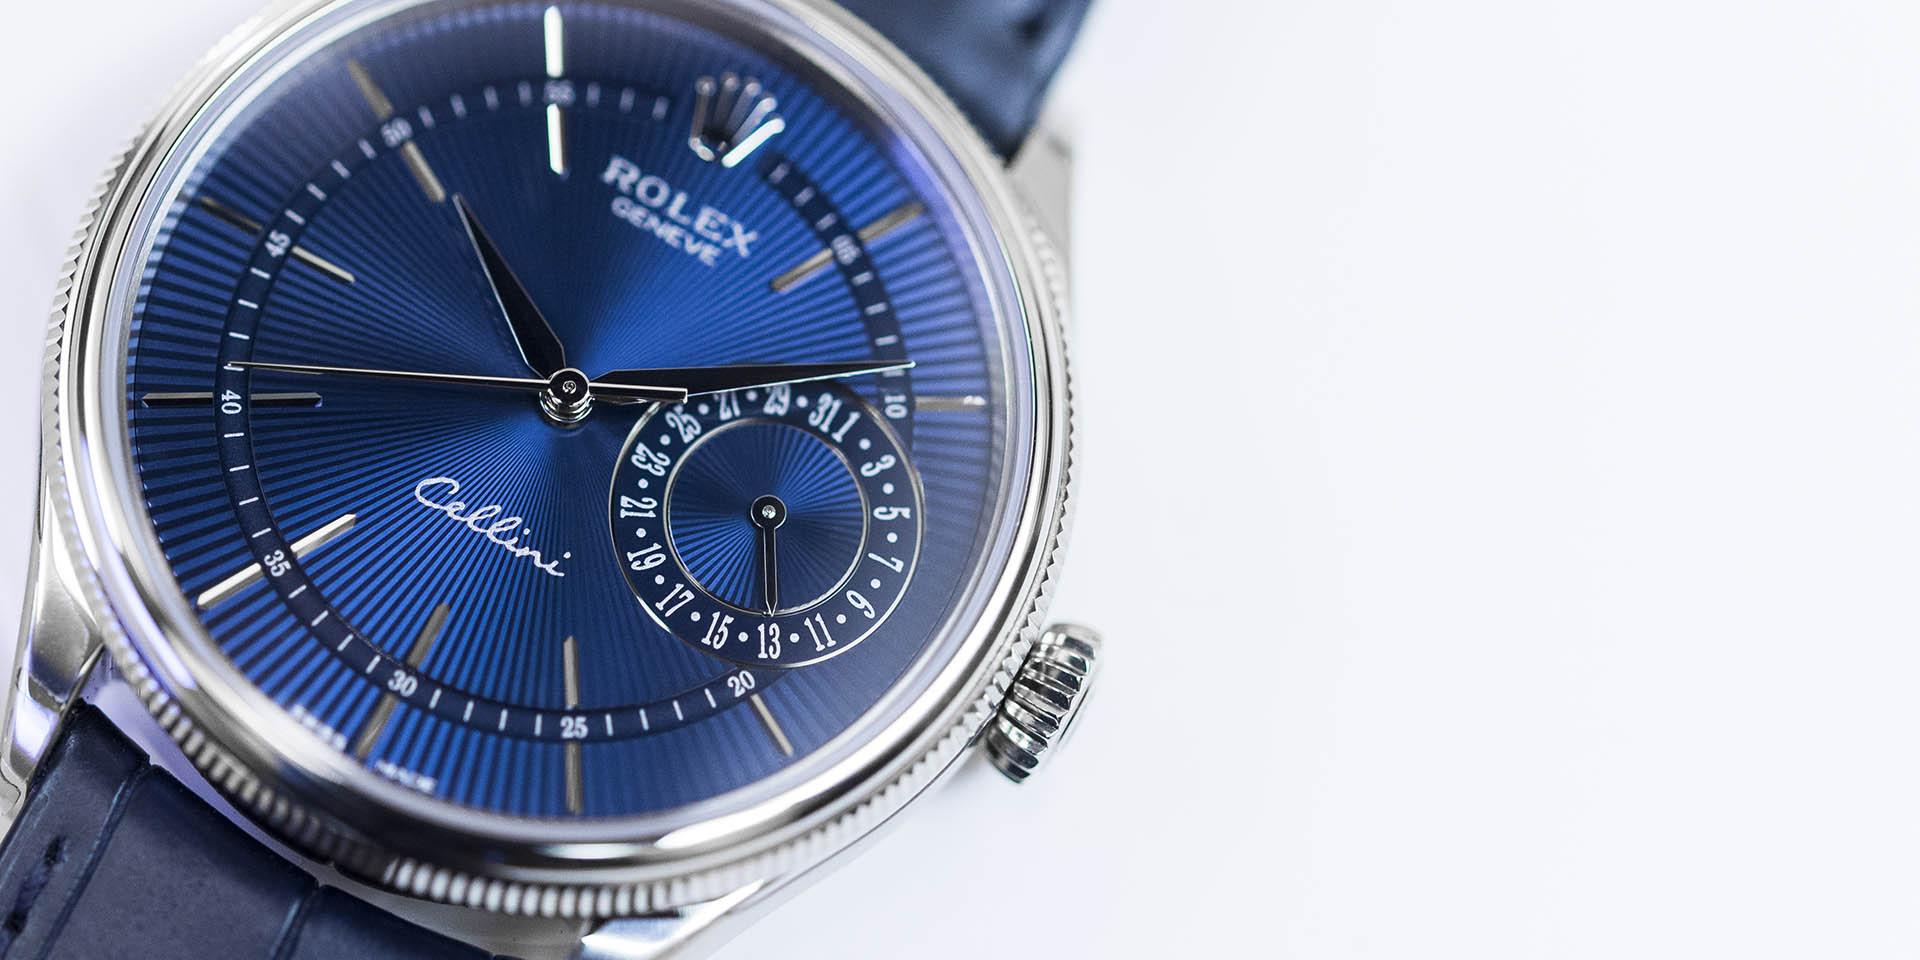 rolex-cellini-date-dual-time-ref50519-ref50525.jpg